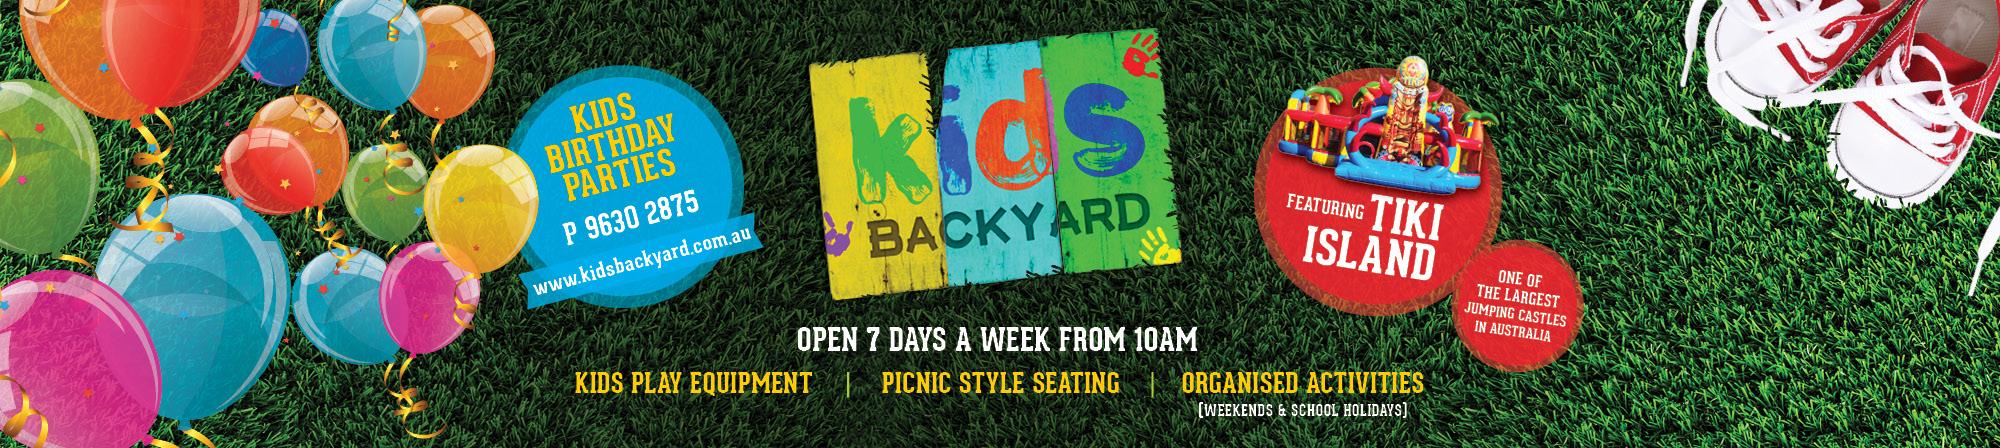 Kids-Backyard-2000x448